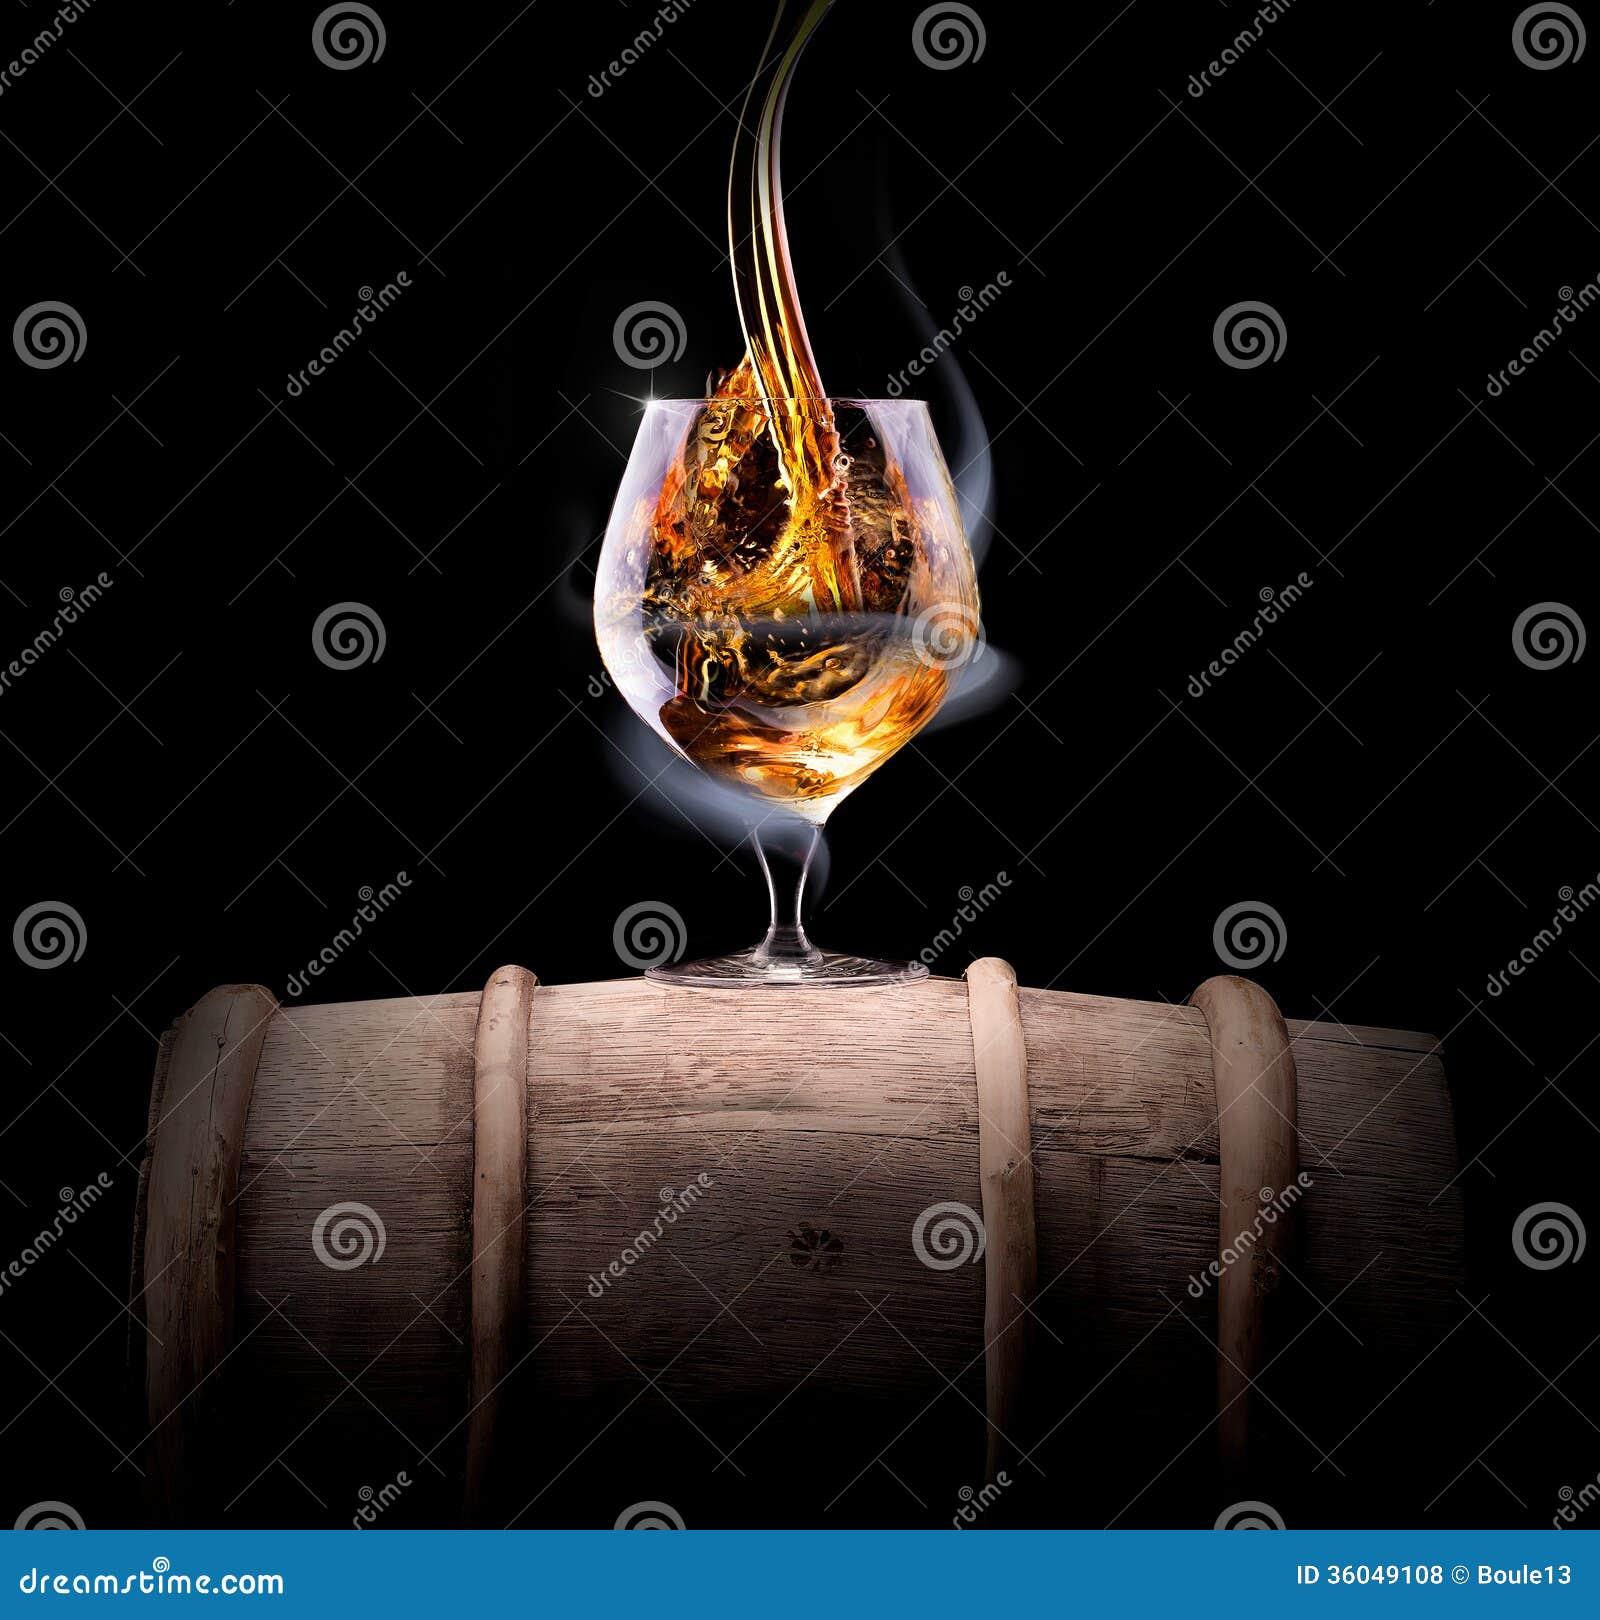 Kognakglas eingehüllt in einen Rauch